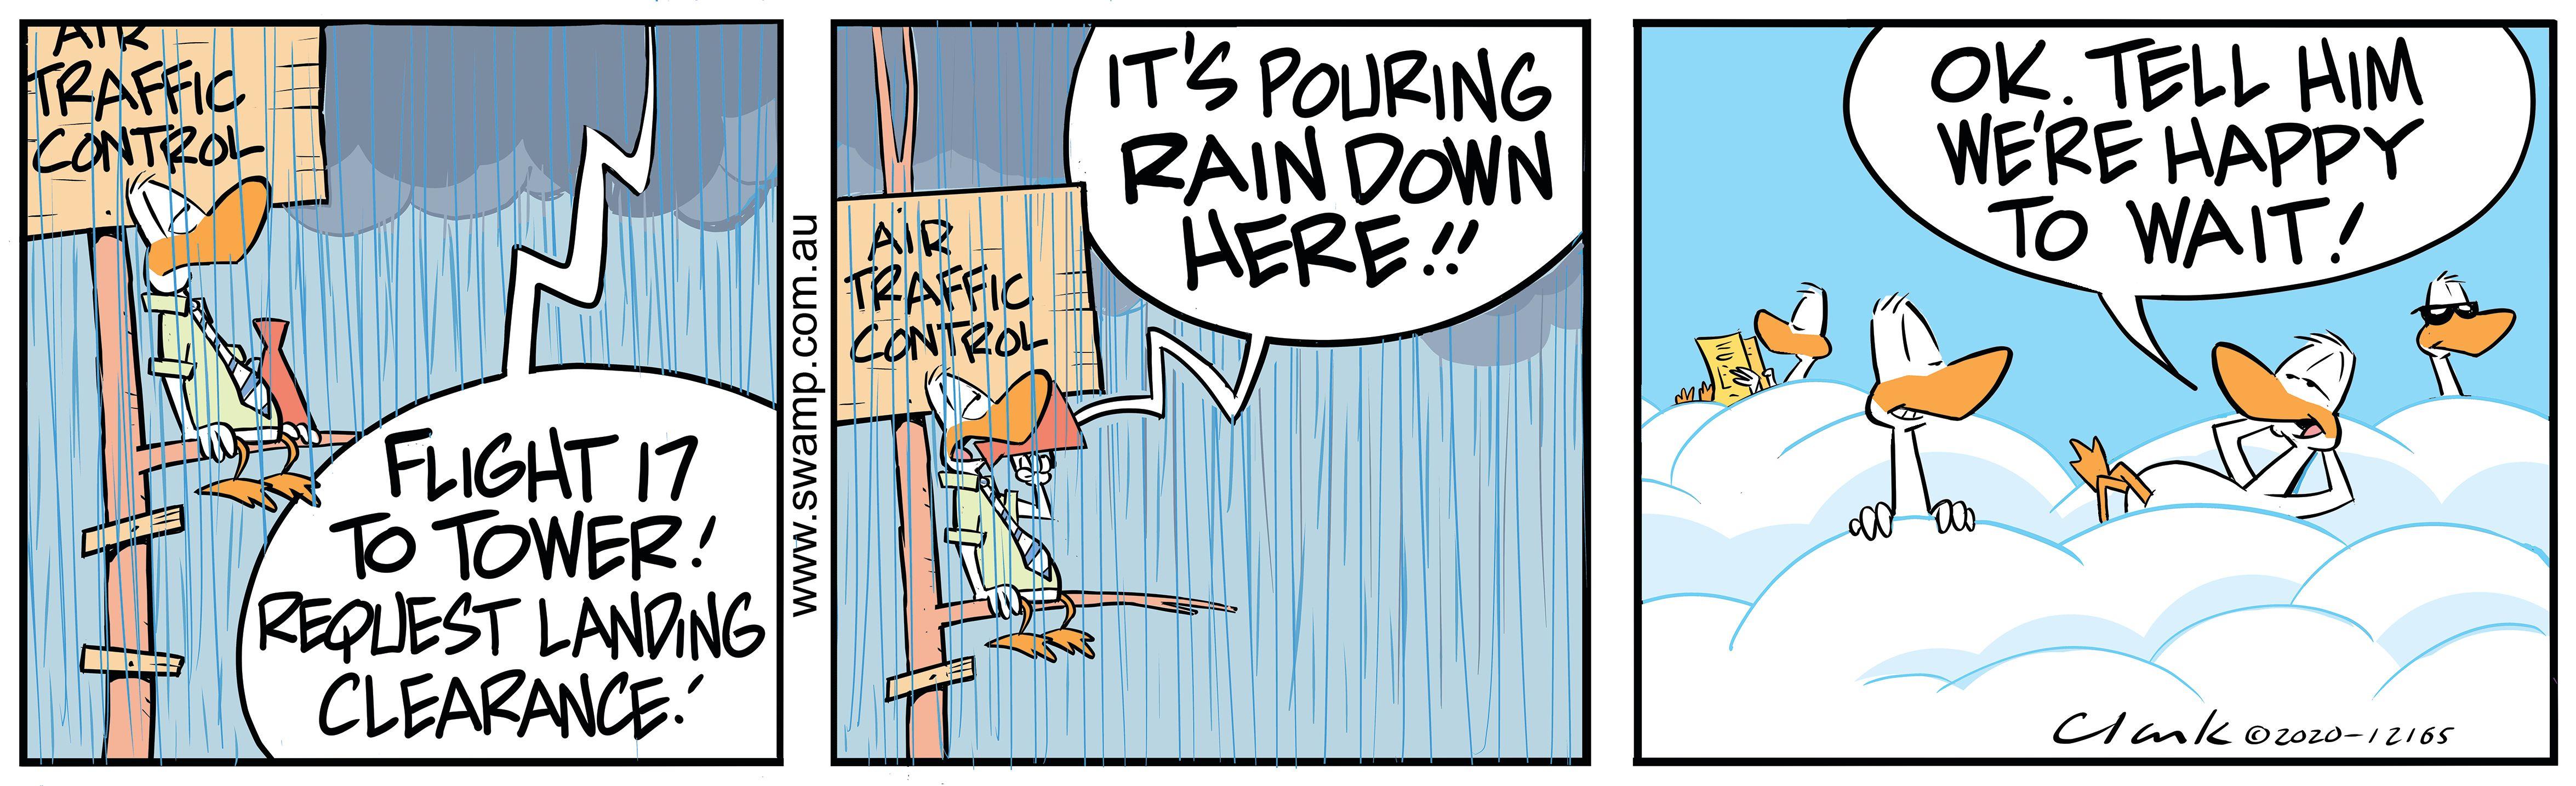 Pouring Rain on Airstrip